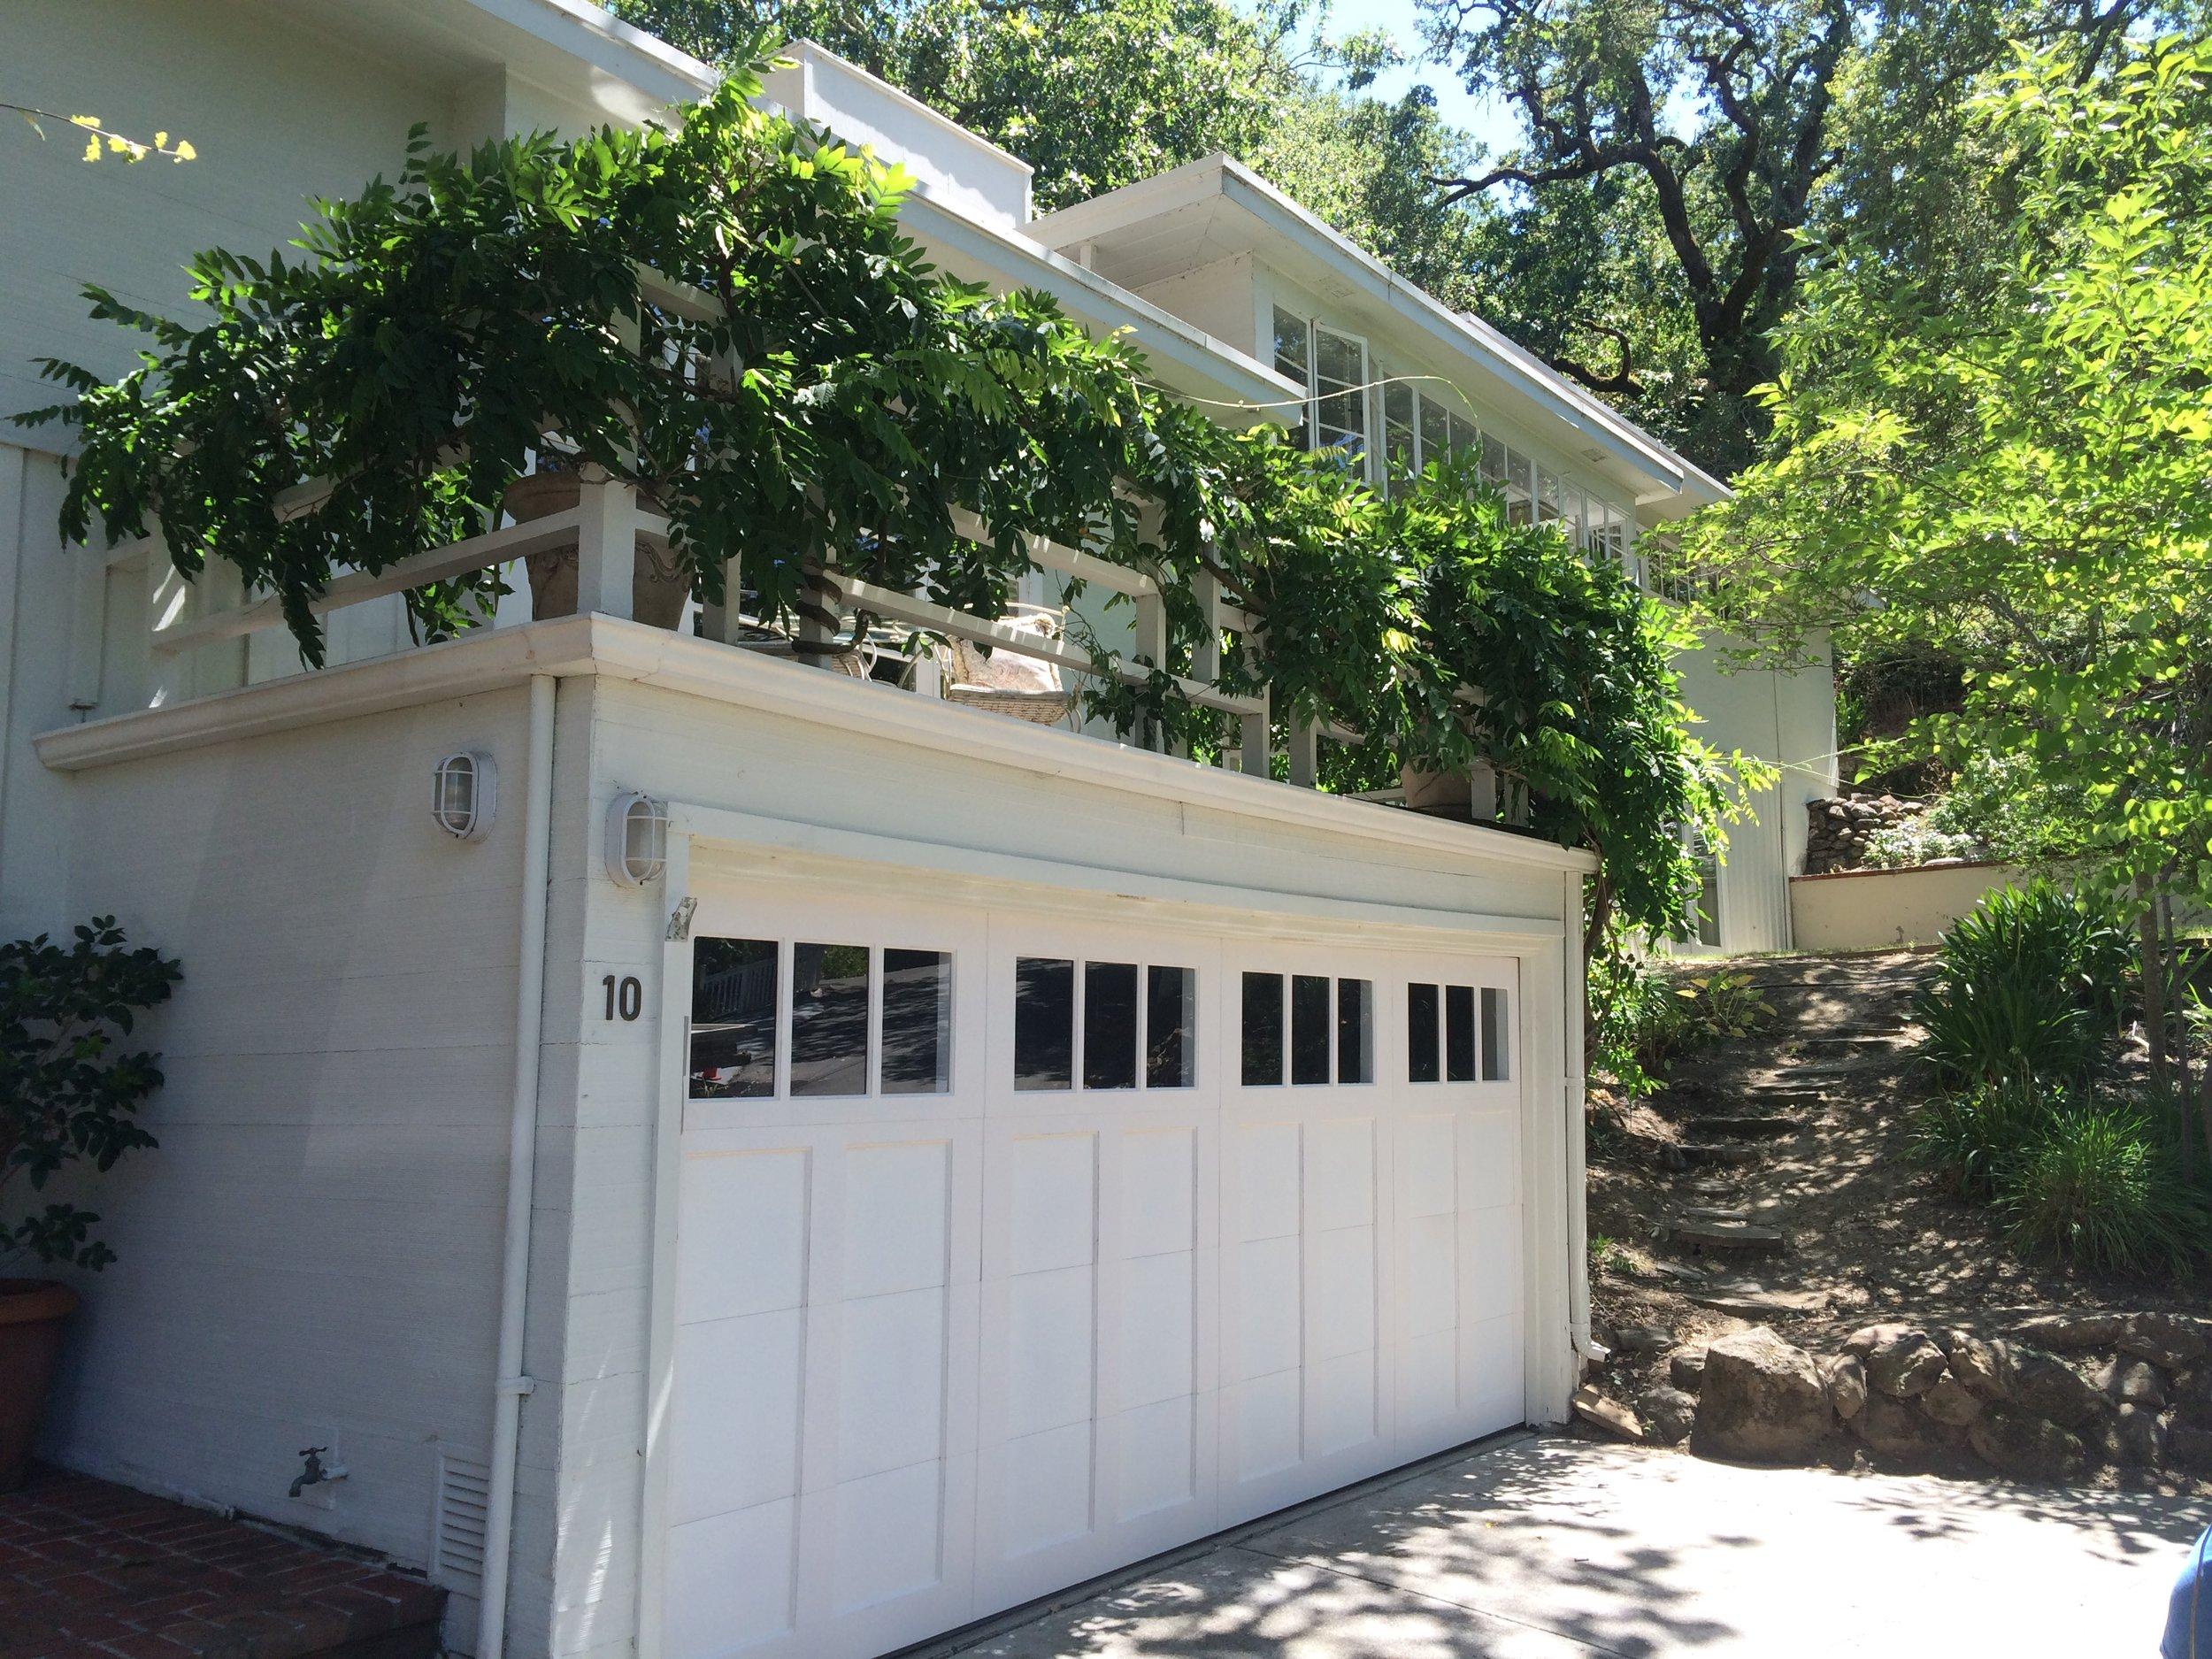 all bay garage doors - carriage house garage door - kevin chervatin - 4.JPG